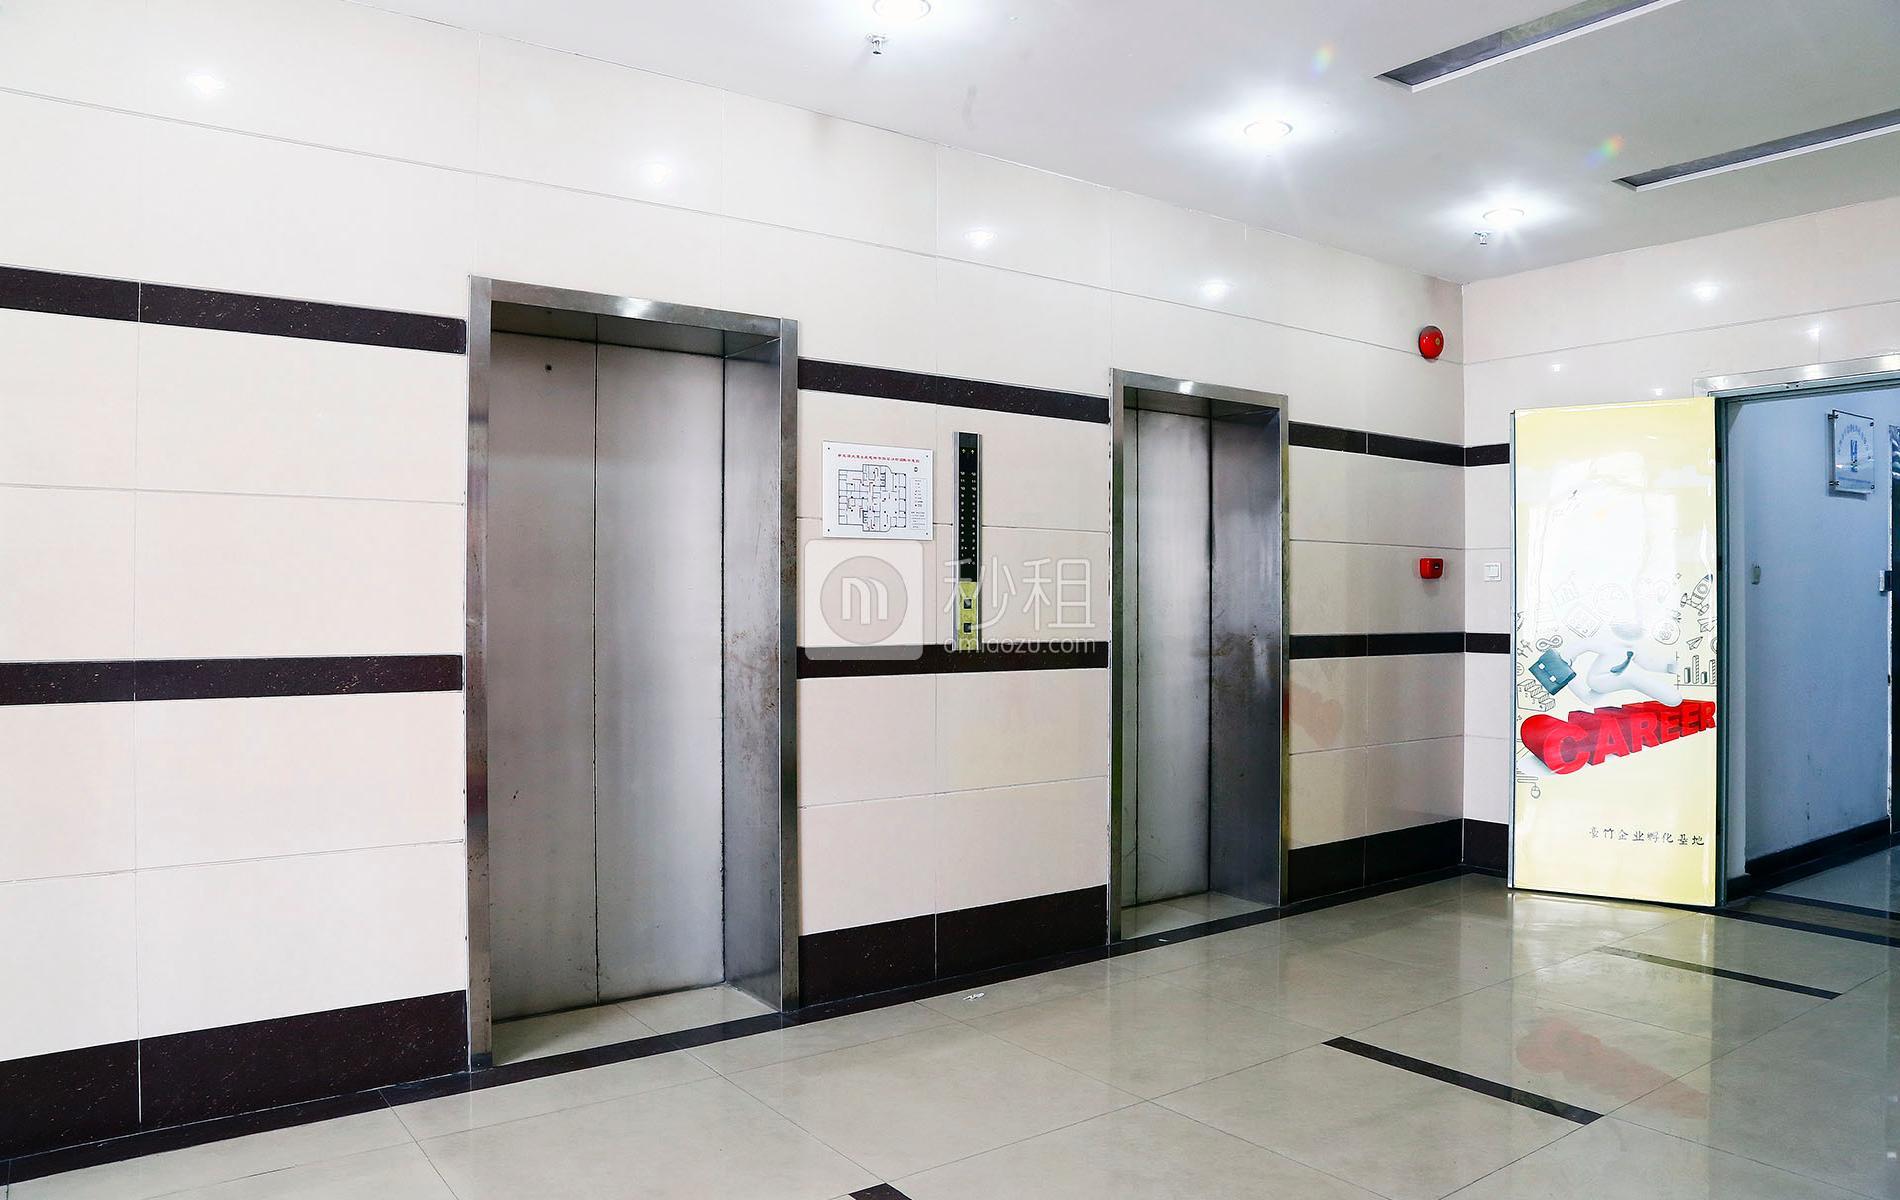 新能源大厦写字楼出租/招租/租赁,新能源大厦办公室出租/招租/租赁